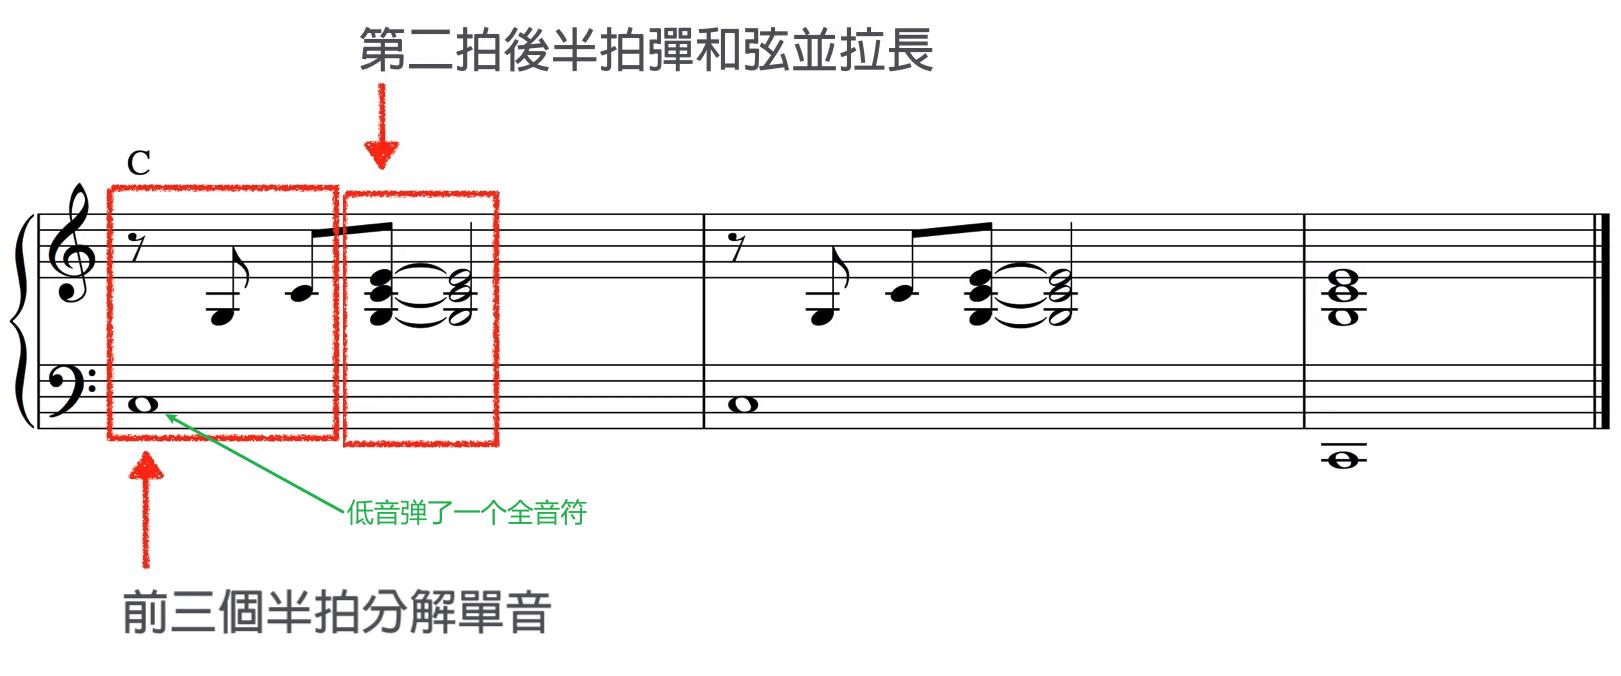 第四种弹法